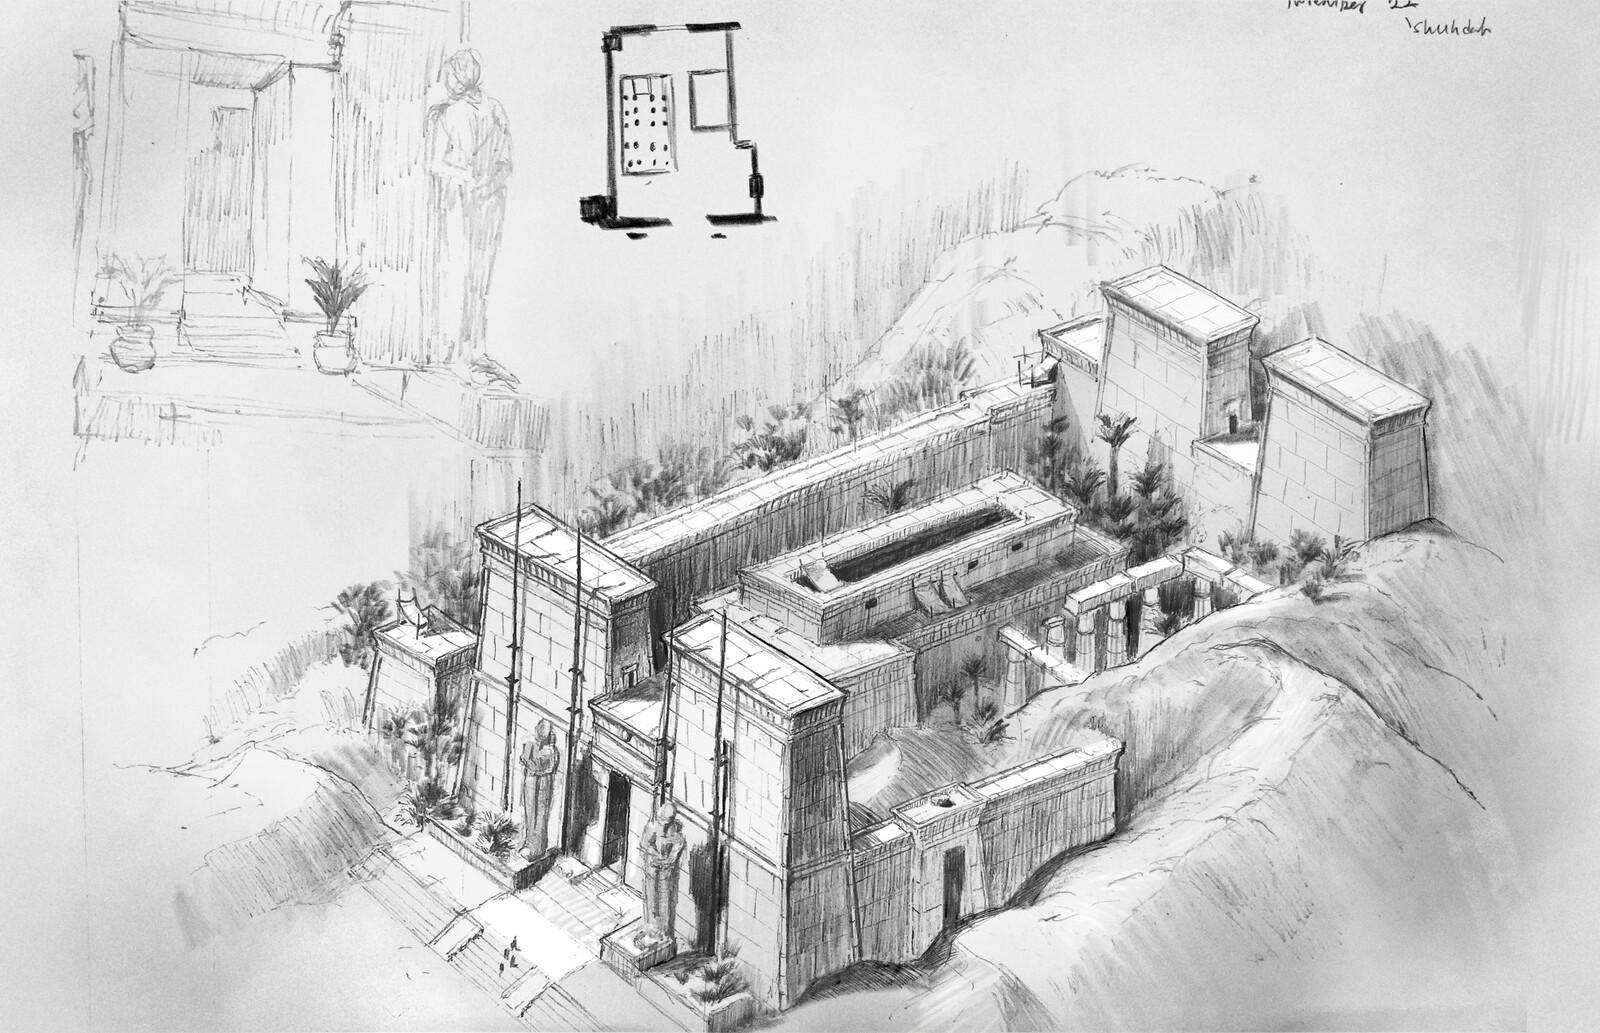 Pencil Sketches 3.0 2020